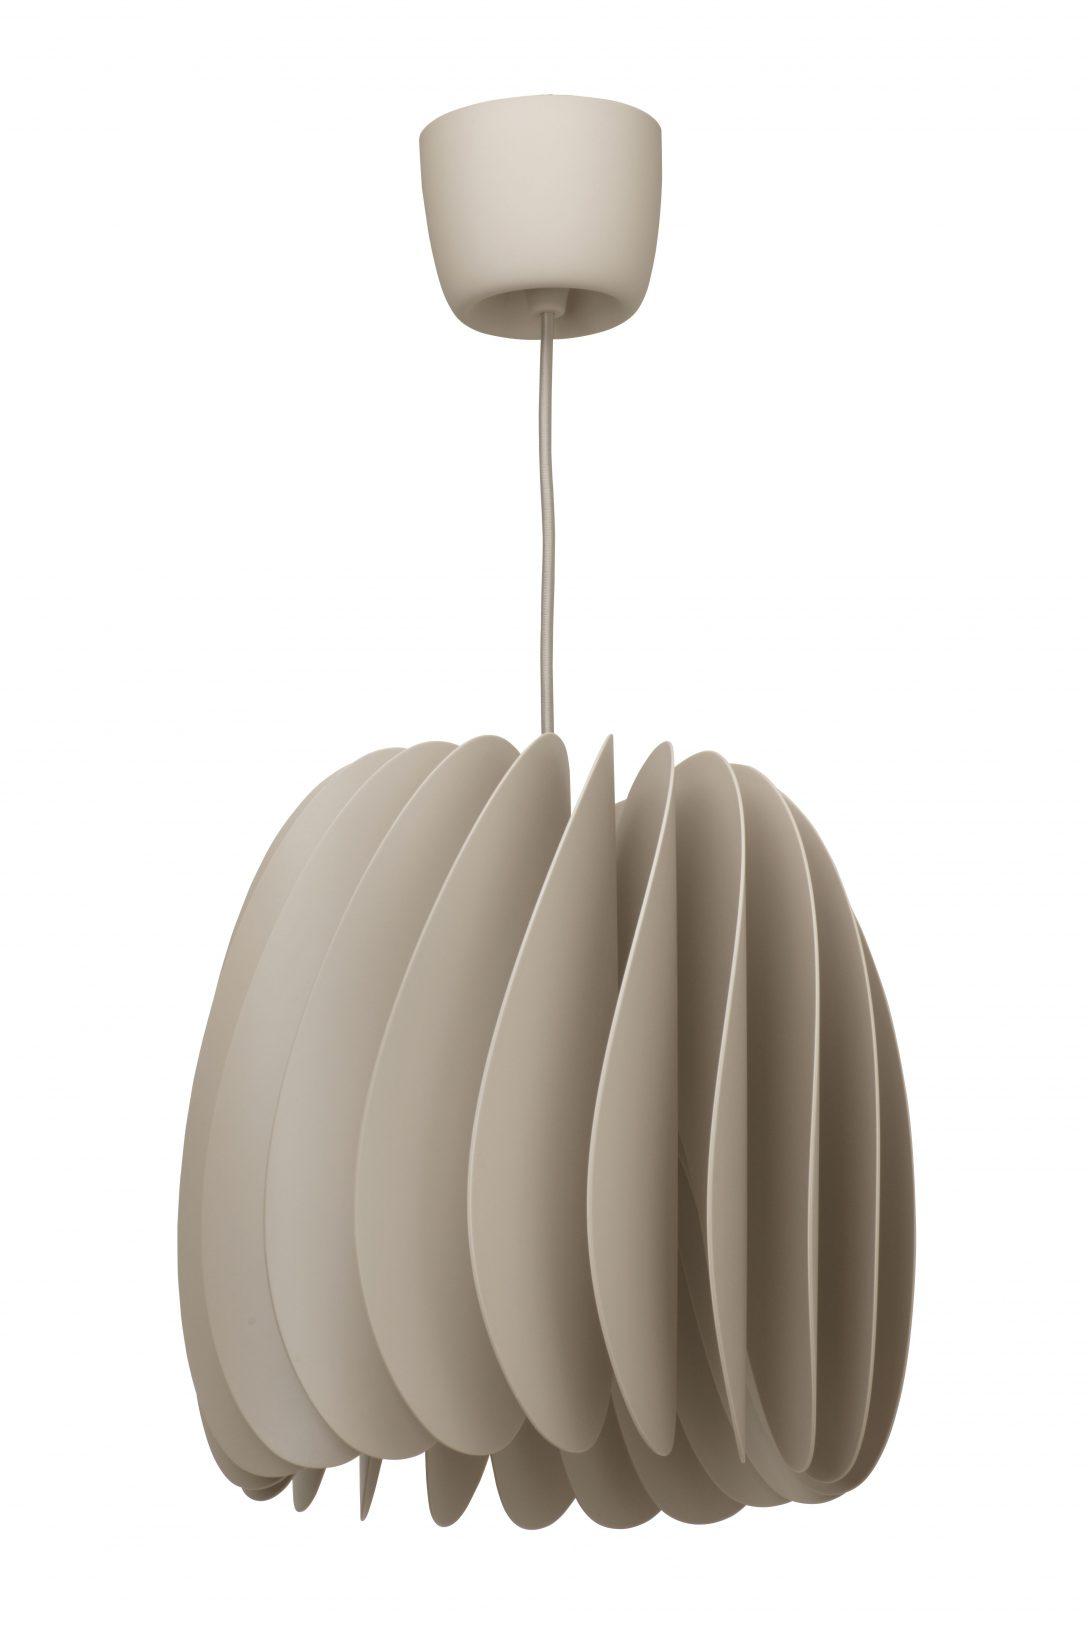 Large Size of Ikea Hängelampe Skymningen Hngeleuchte Beige Deutschland In 2020 Wohnzimmer Betten Bei Sofa Mit Schlaffunktion Modulküche 160x200 Miniküche Küche Kaufen Wohnzimmer Ikea Hängelampe